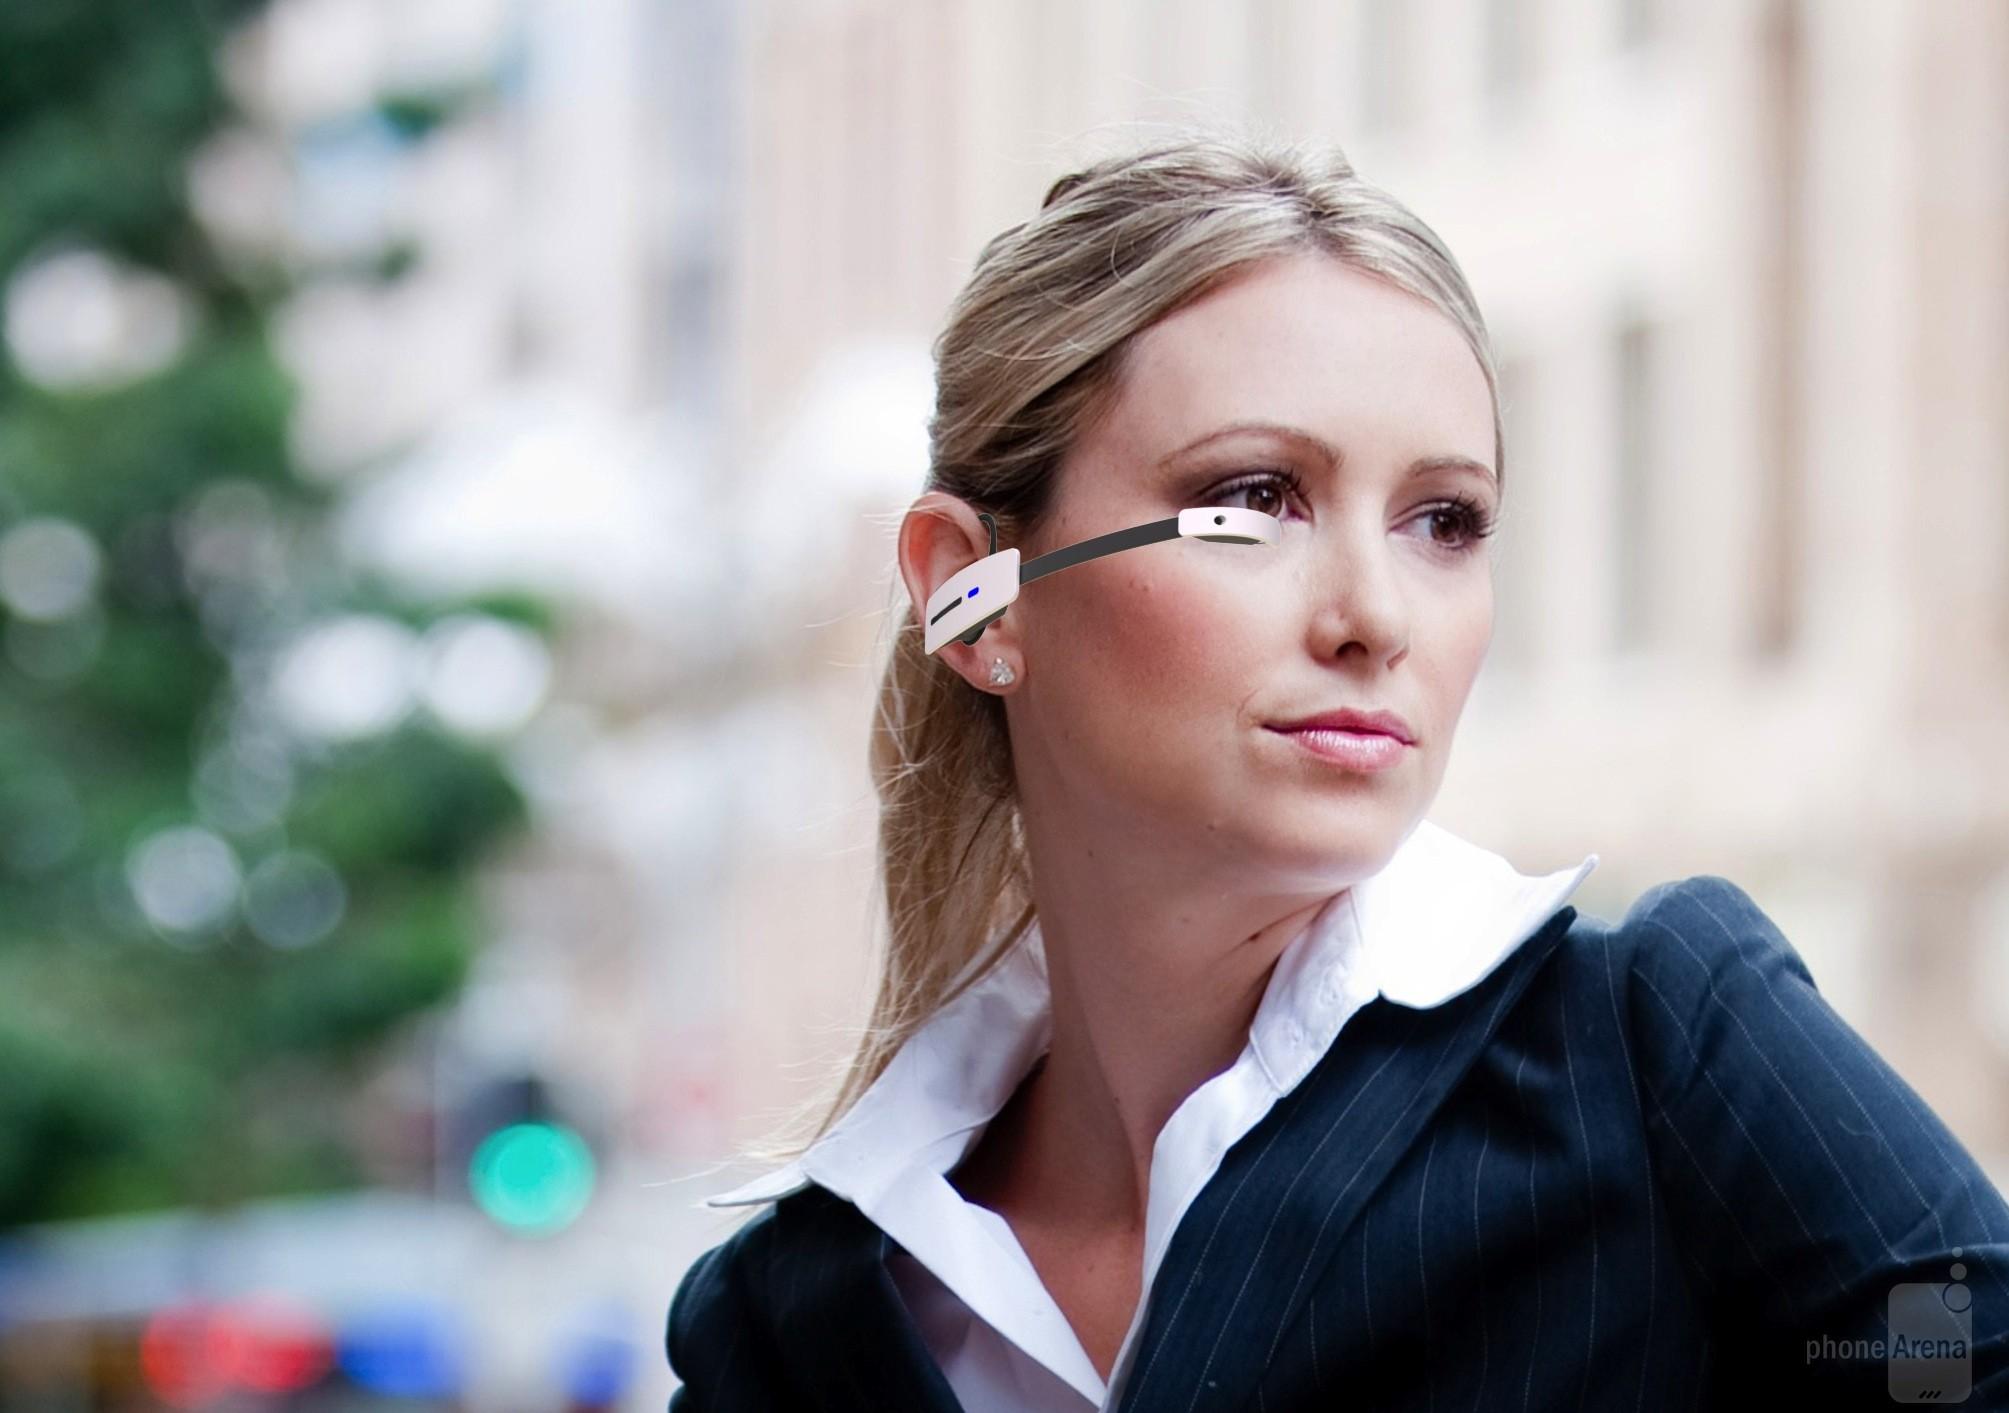 Annunciato un nuovo modello di Google Glass